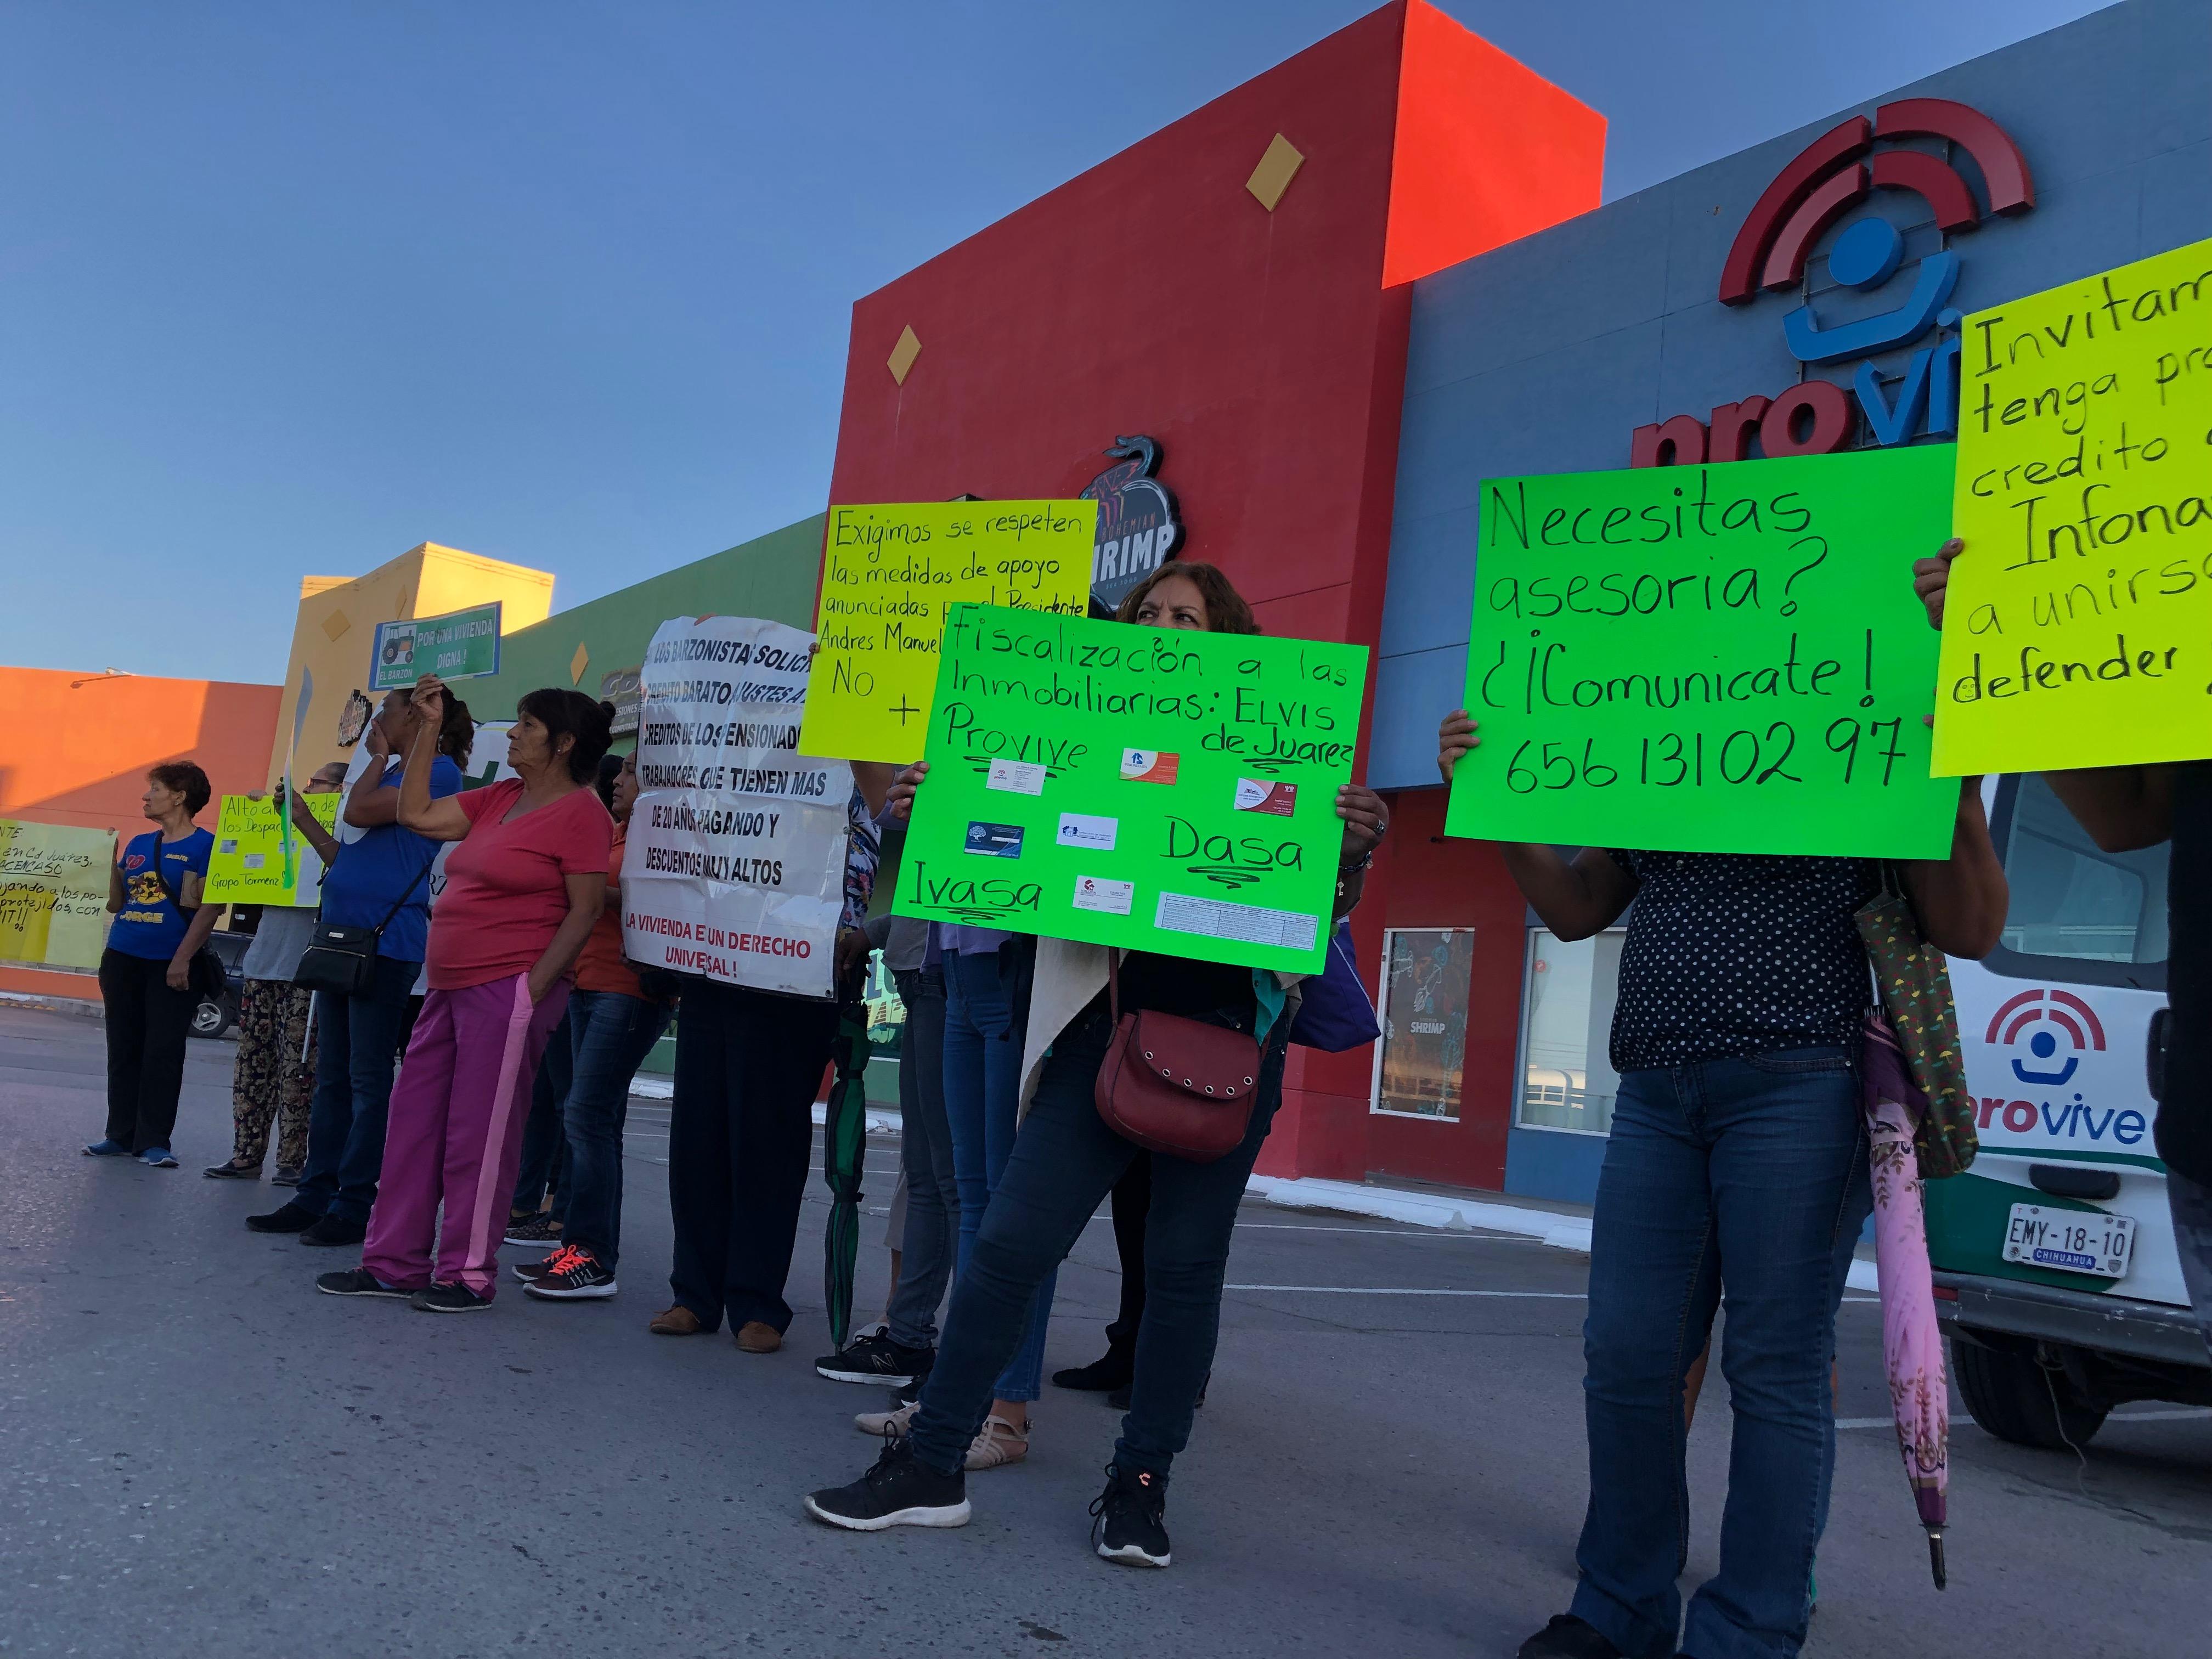 Despojos de viviendas desatan protesta contra inmobiliaria (Chihuahua)